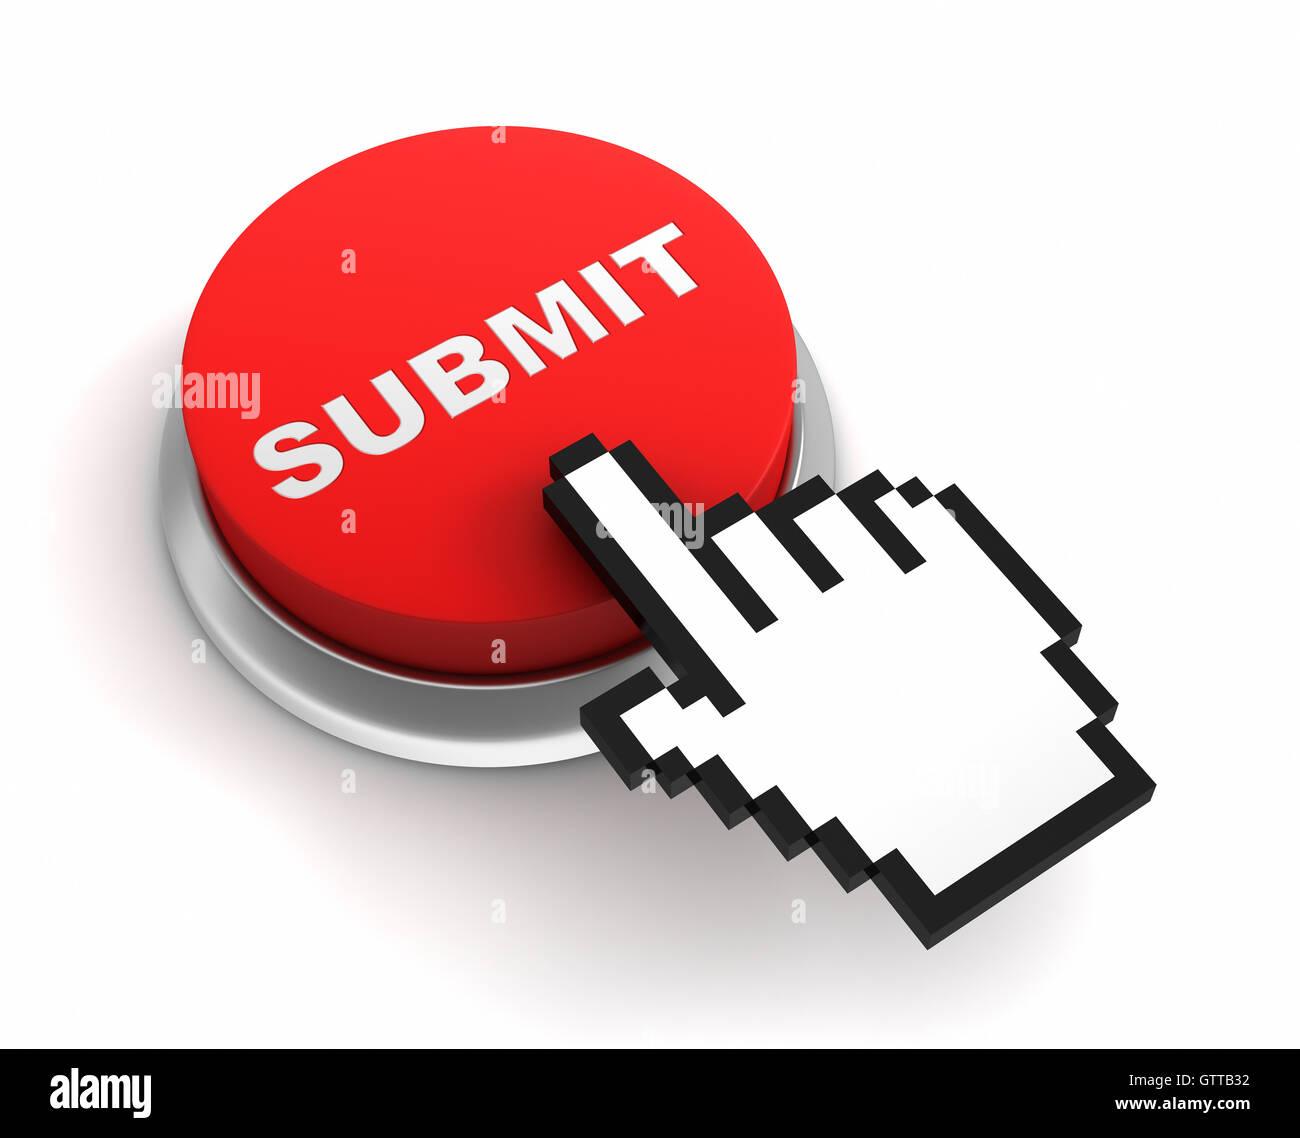 Botón Enviar concepto ilustración 3d Imagen De Stock